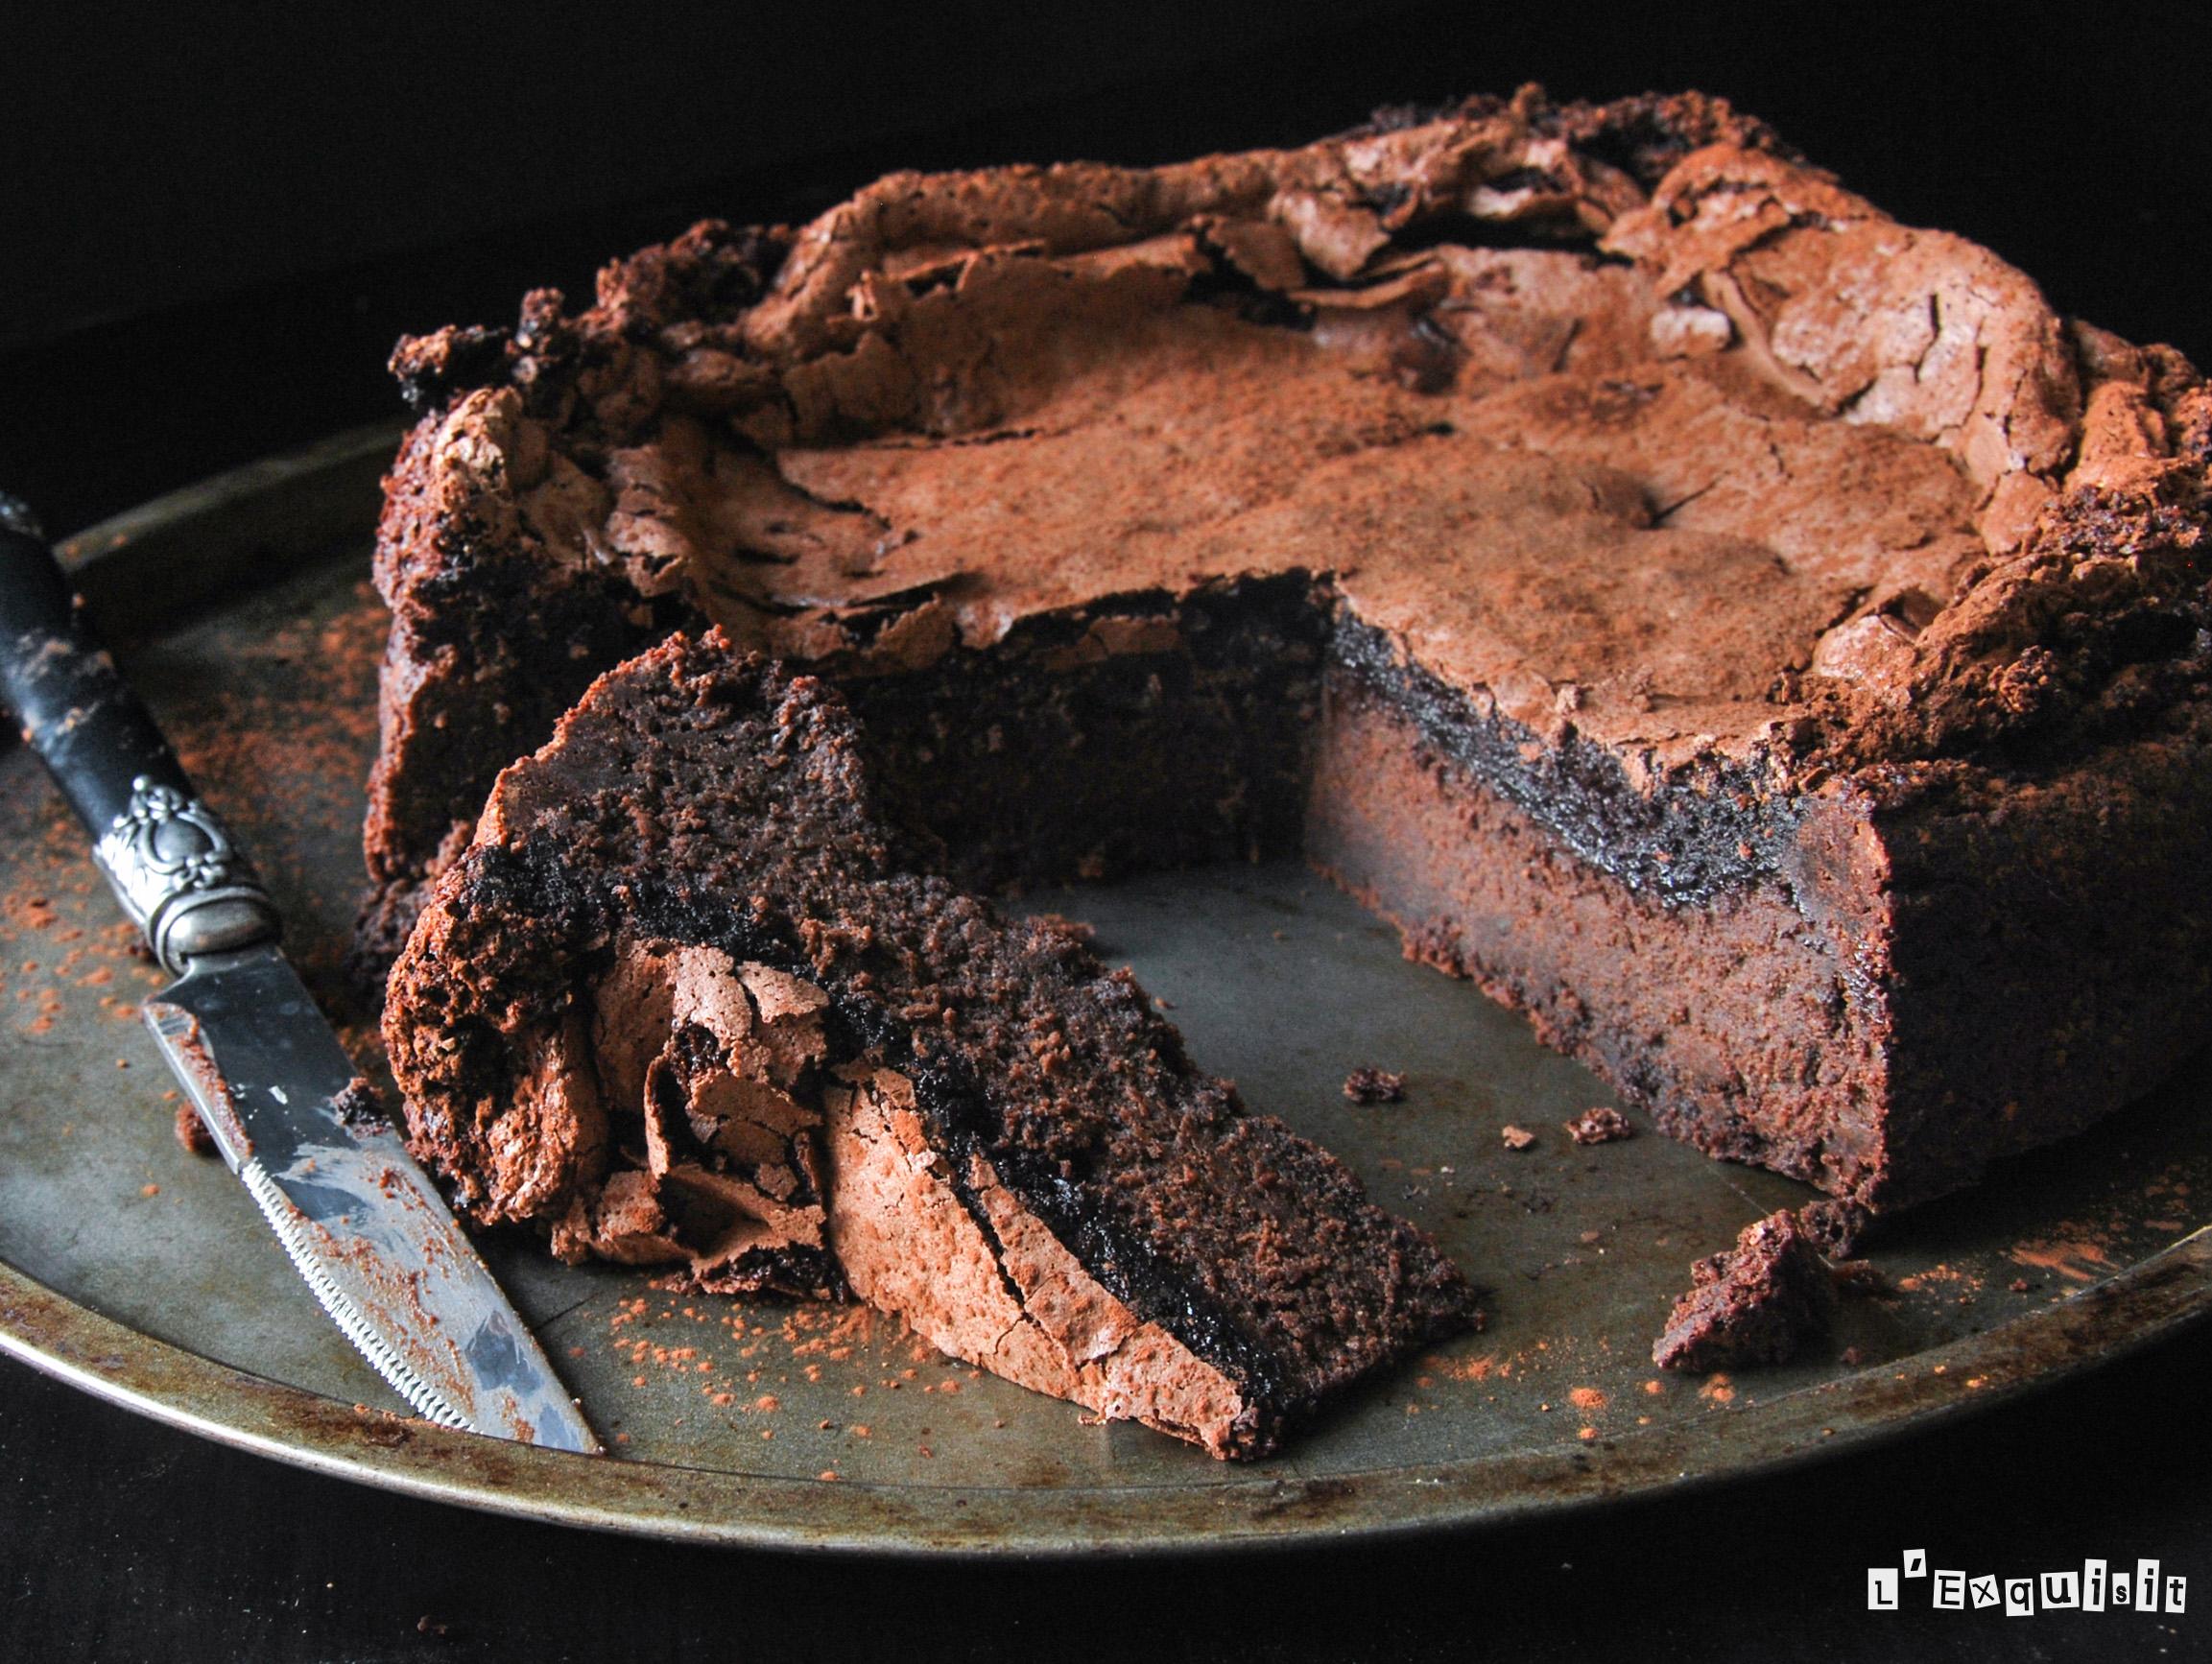 Brownie con merengue de chocolate